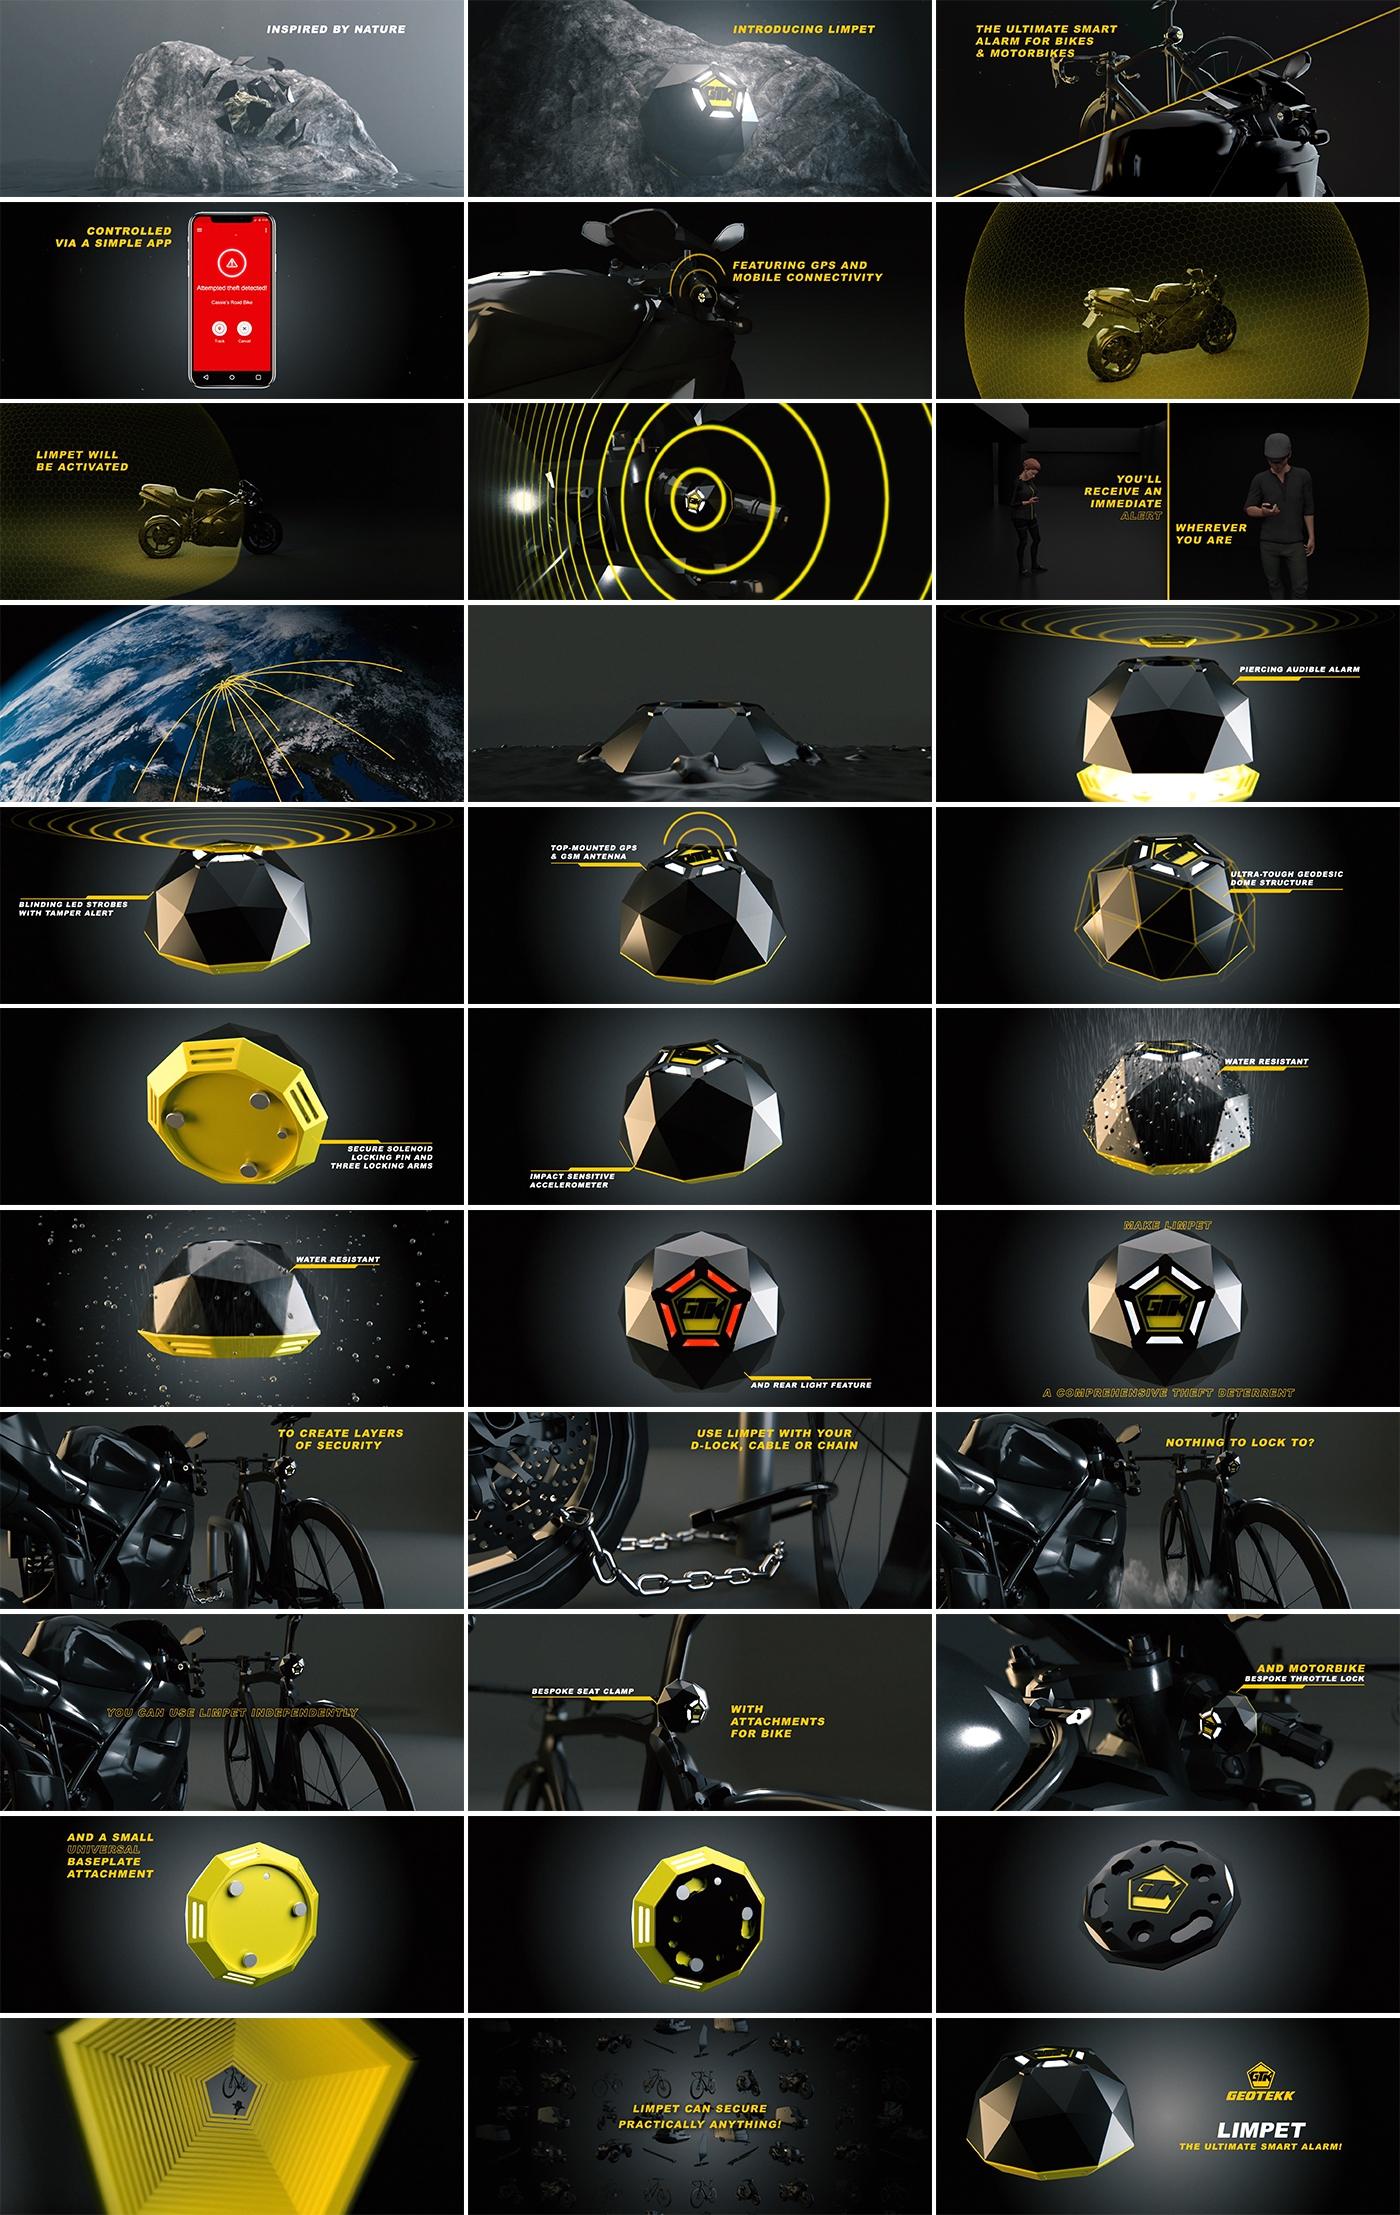 3D Motion Graphics thumbnails